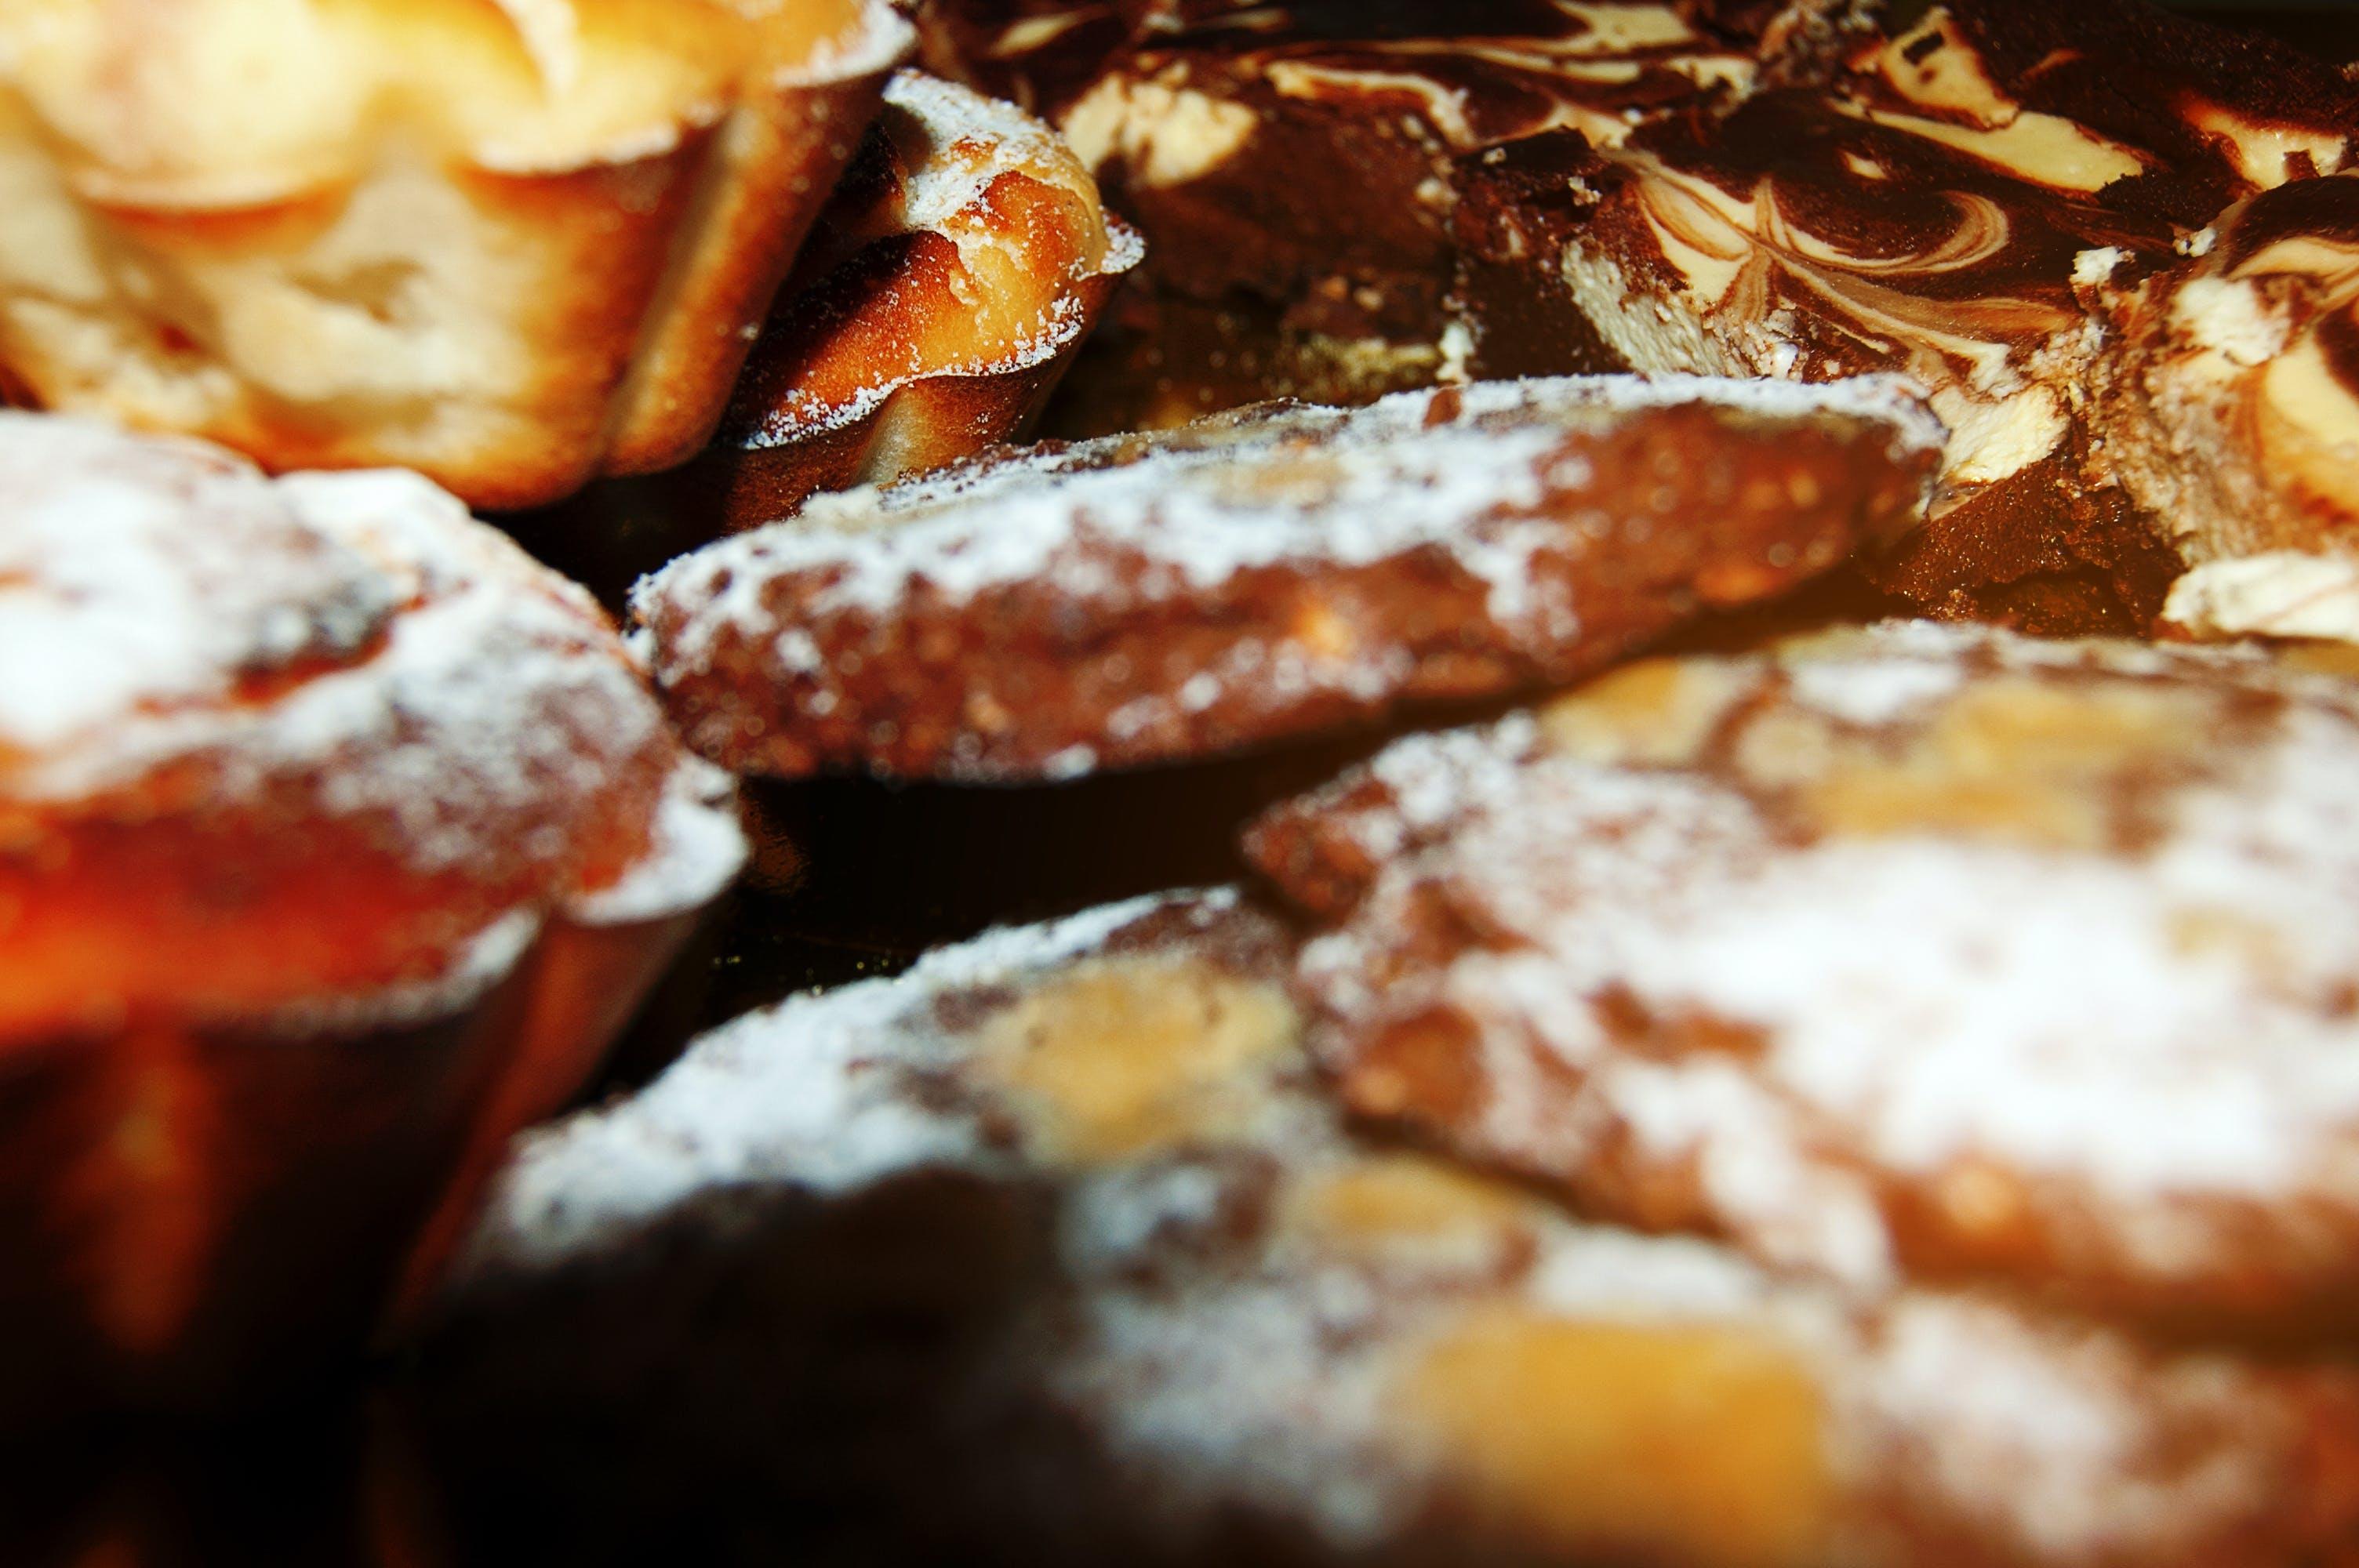 Δωρεάν στοκ φωτογραφιών με μπισκότα με κομμάτια σοκολάτας